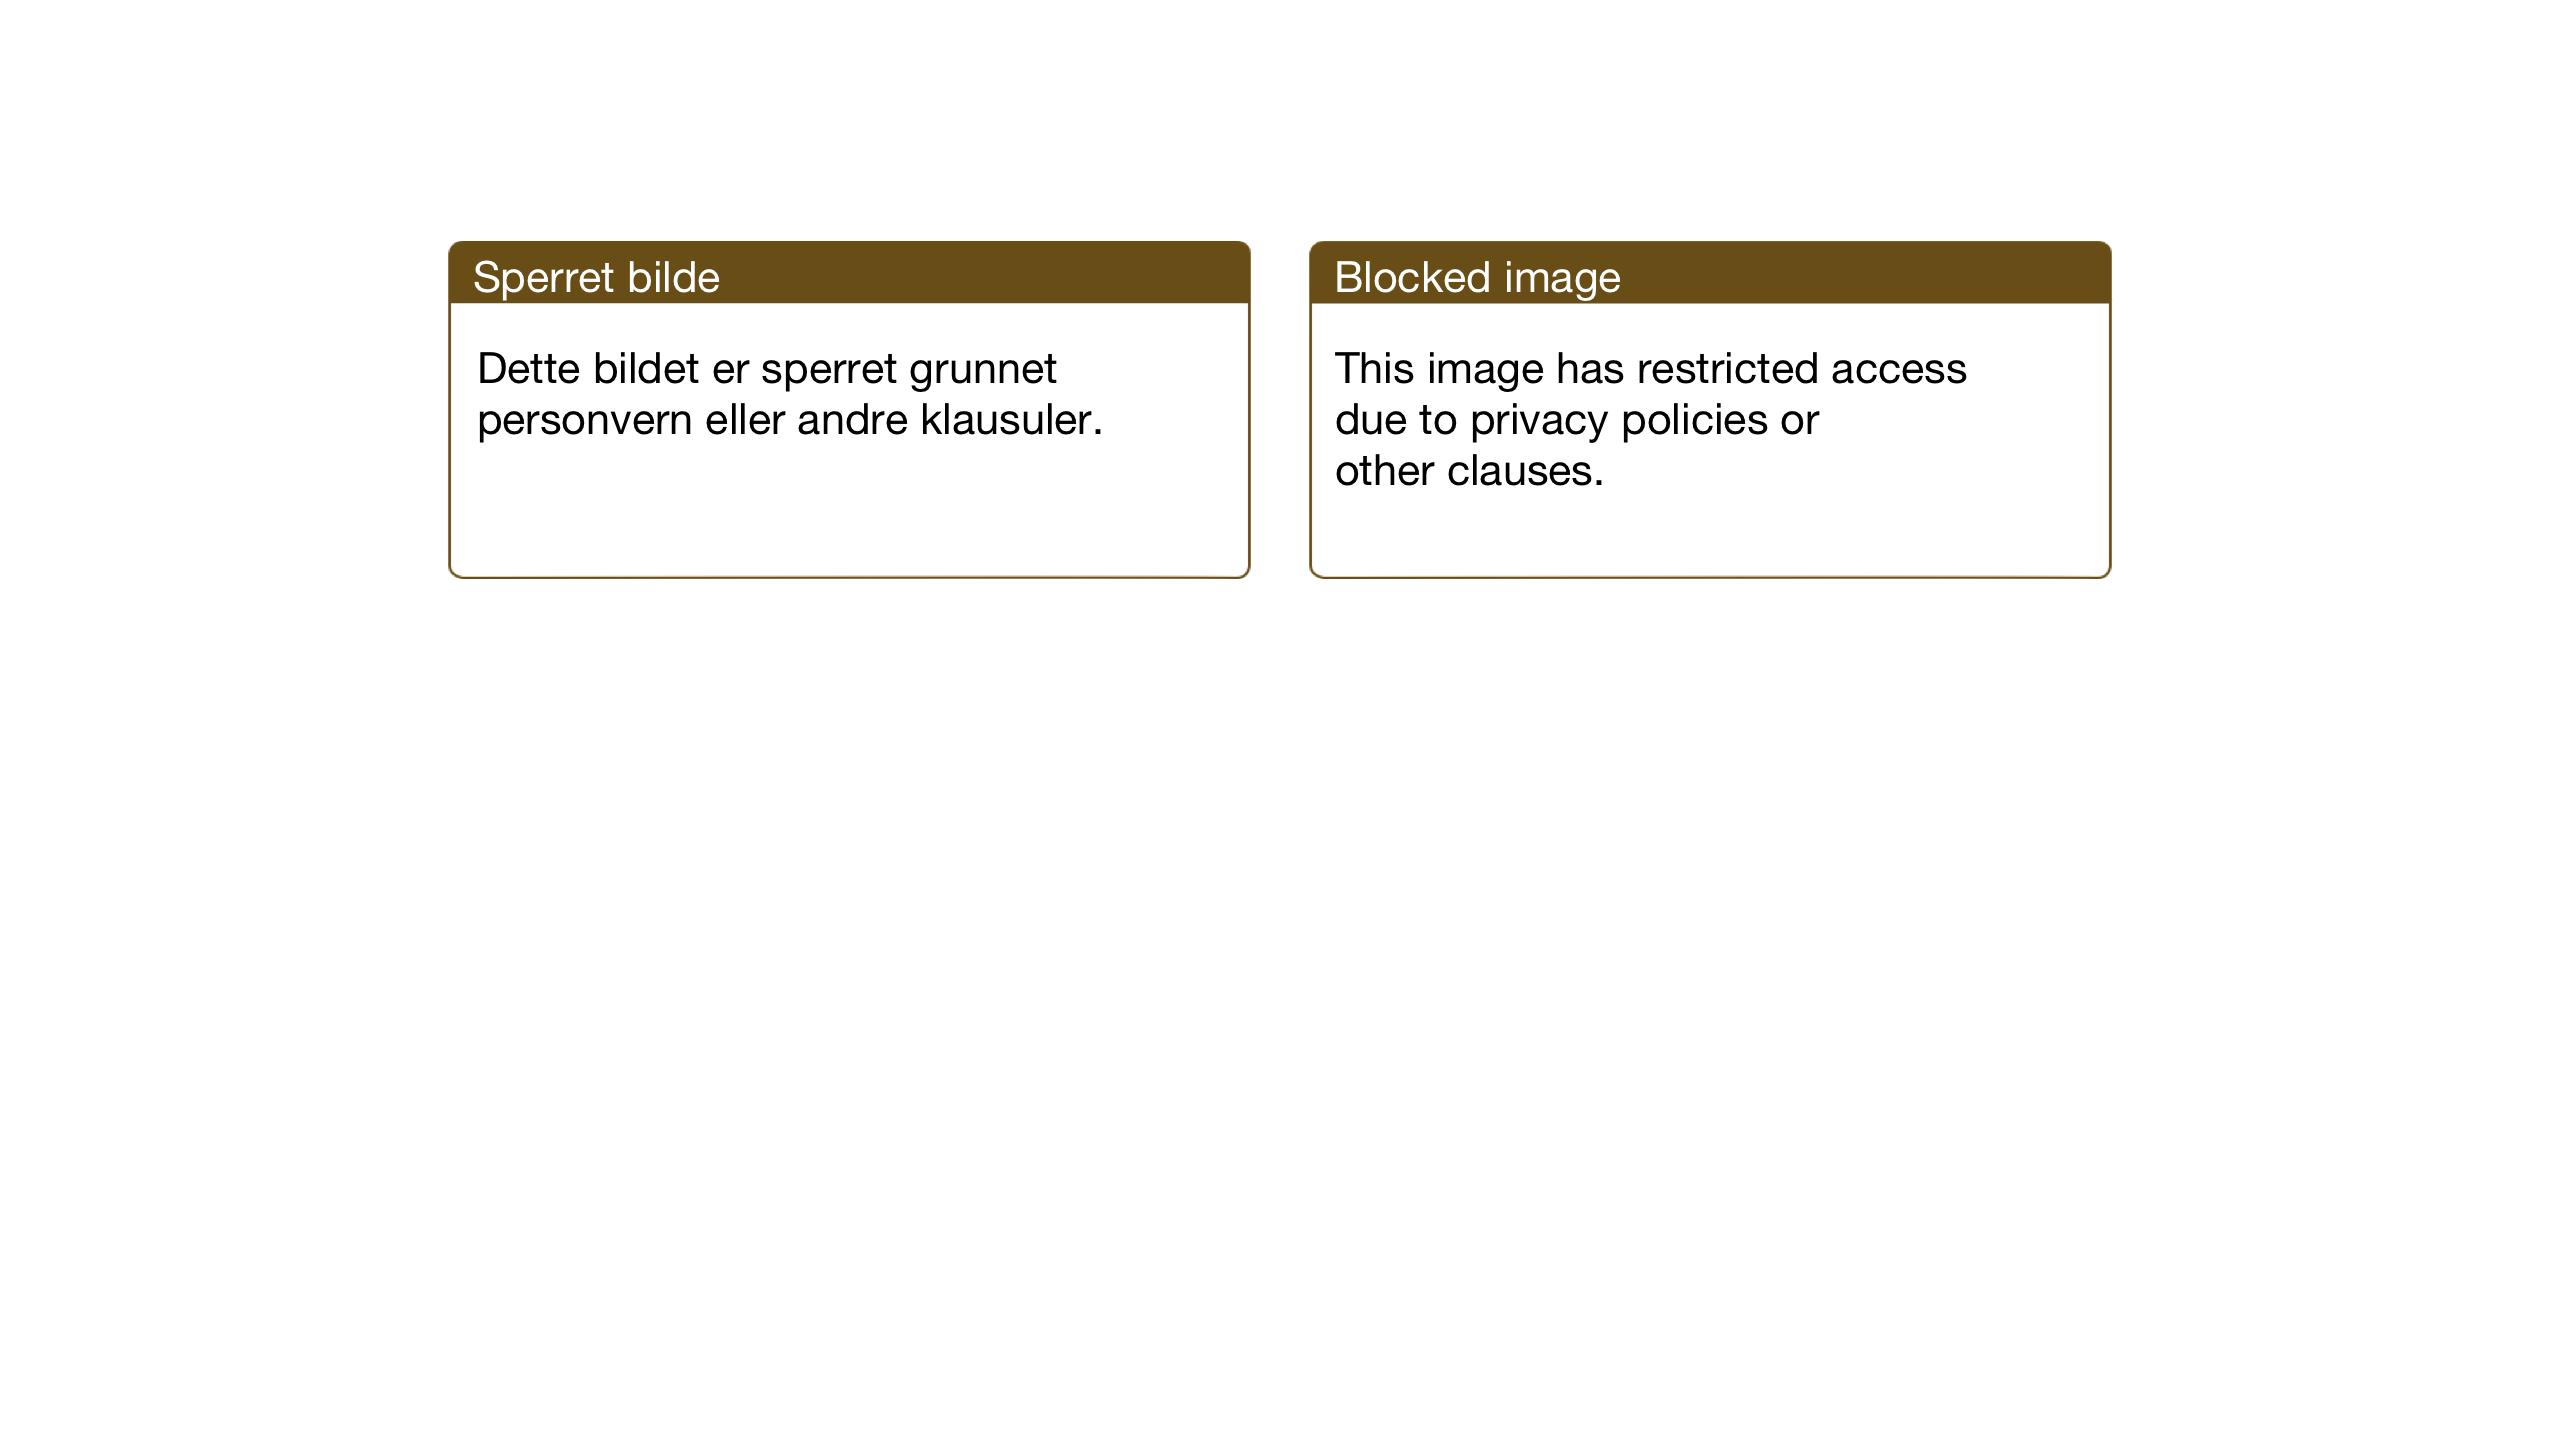 SAT, Ministerialprotokoller, klokkerbøker og fødselsregistre - Sør-Trøndelag, 651/L0648: Klokkerbok nr. 651C02, 1915-1945, s. 72